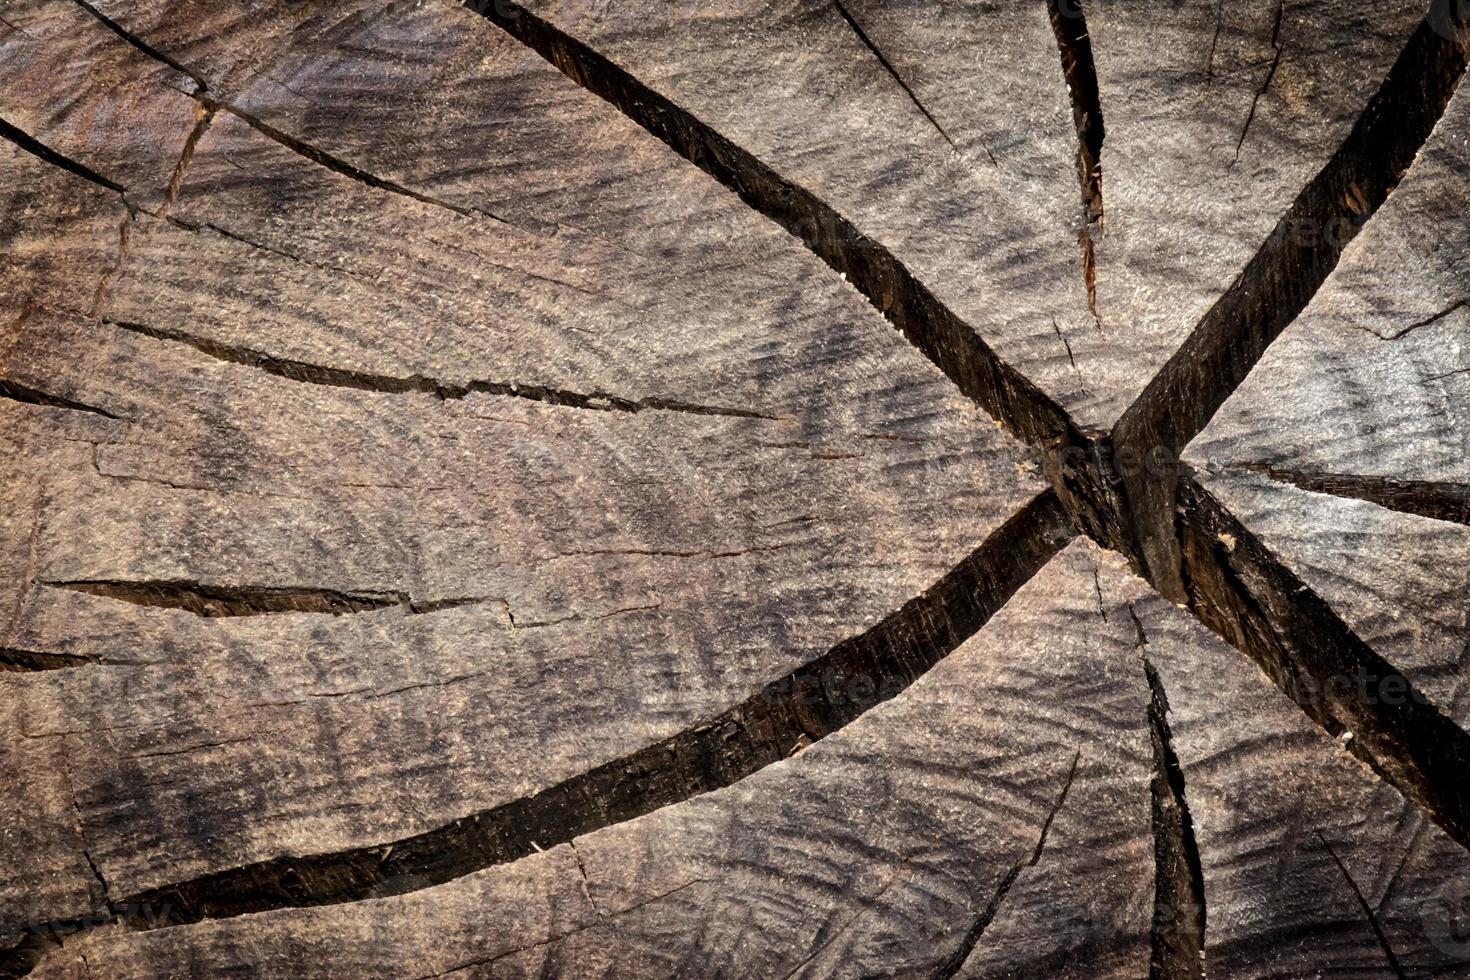 Stamm geschnittene Textur foto